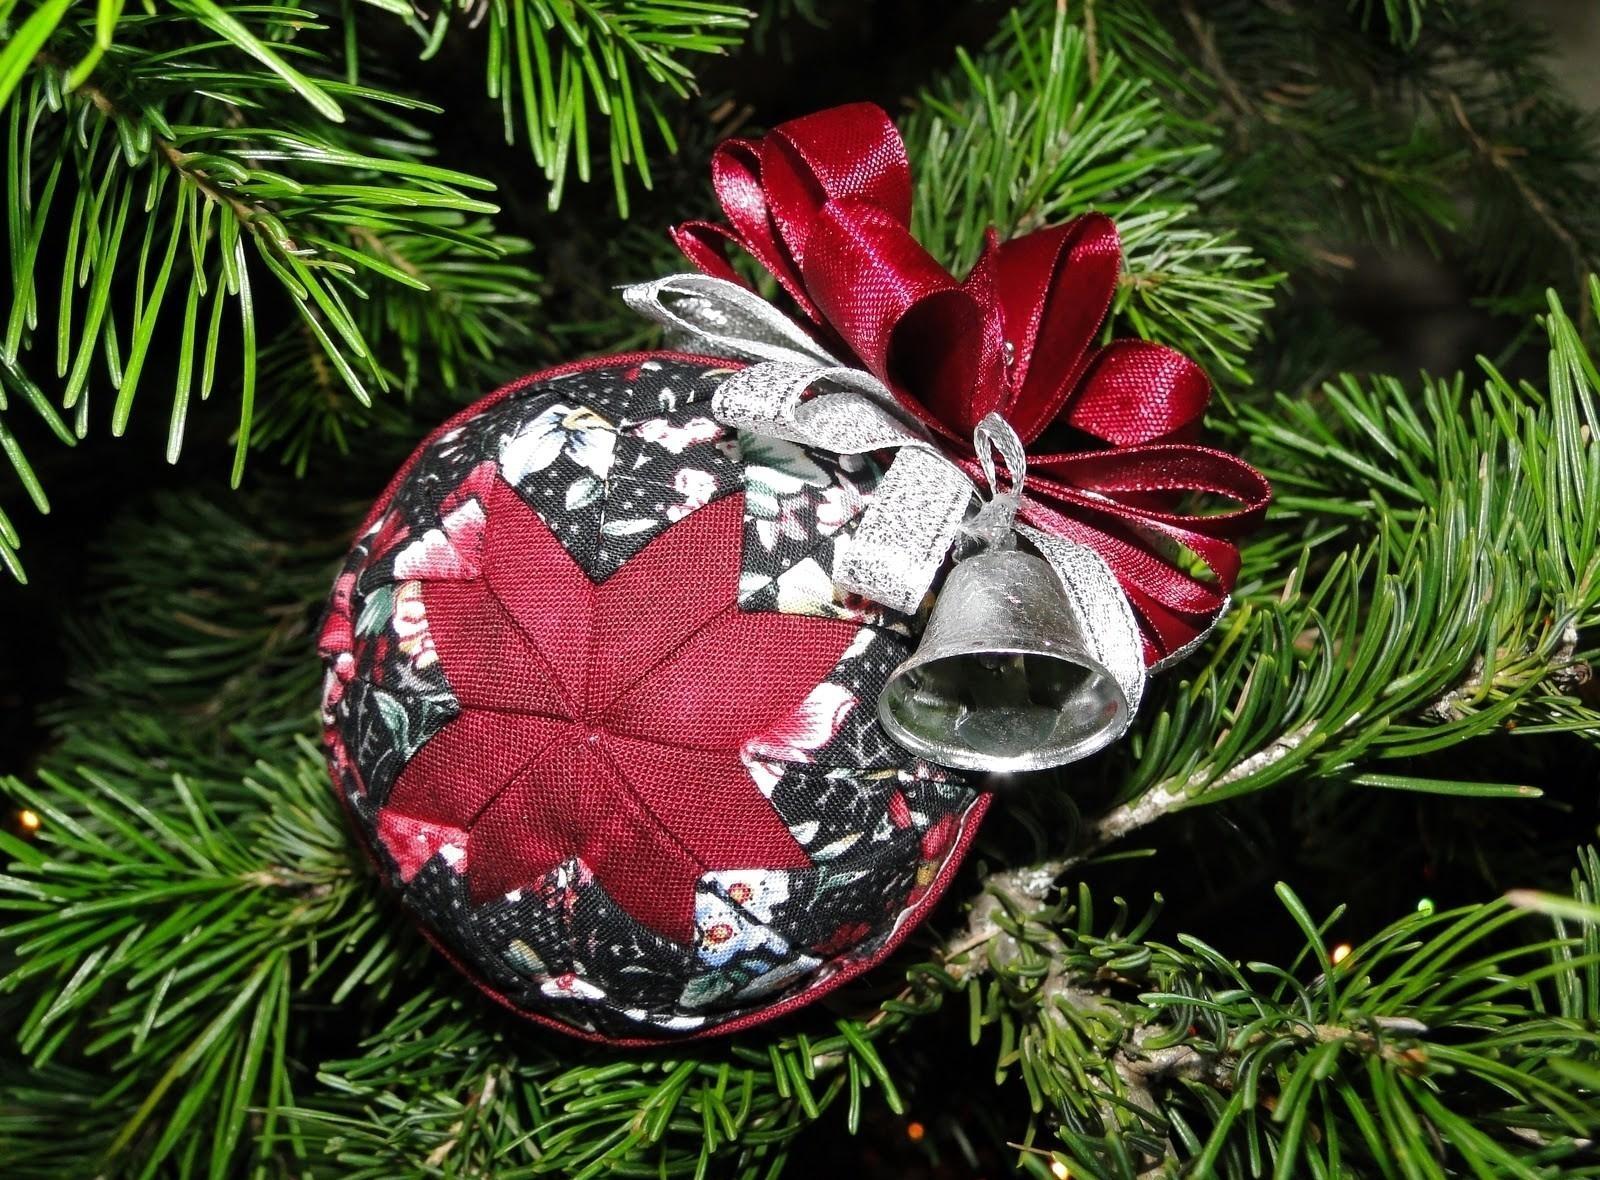 Wallpaper : Tahun Baru, liburan, dekorasi Natal, jarum